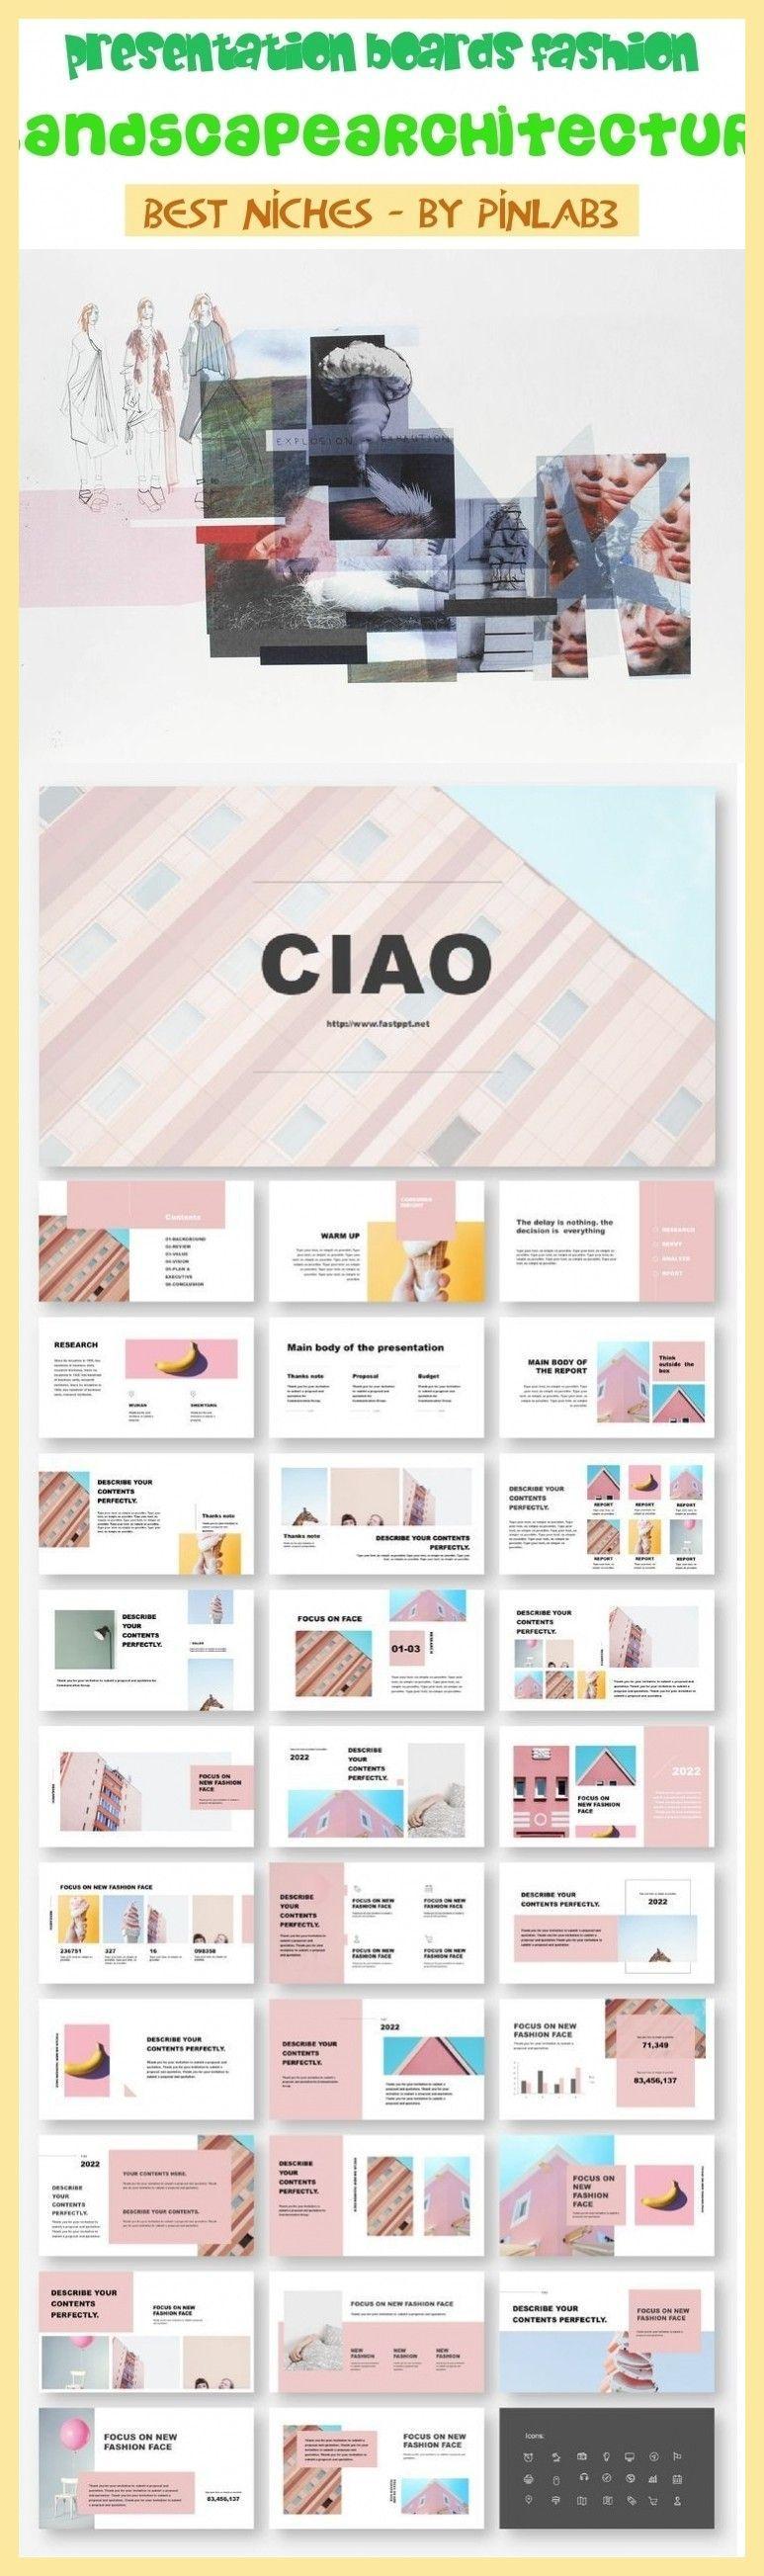 Presentation Boards Fashion